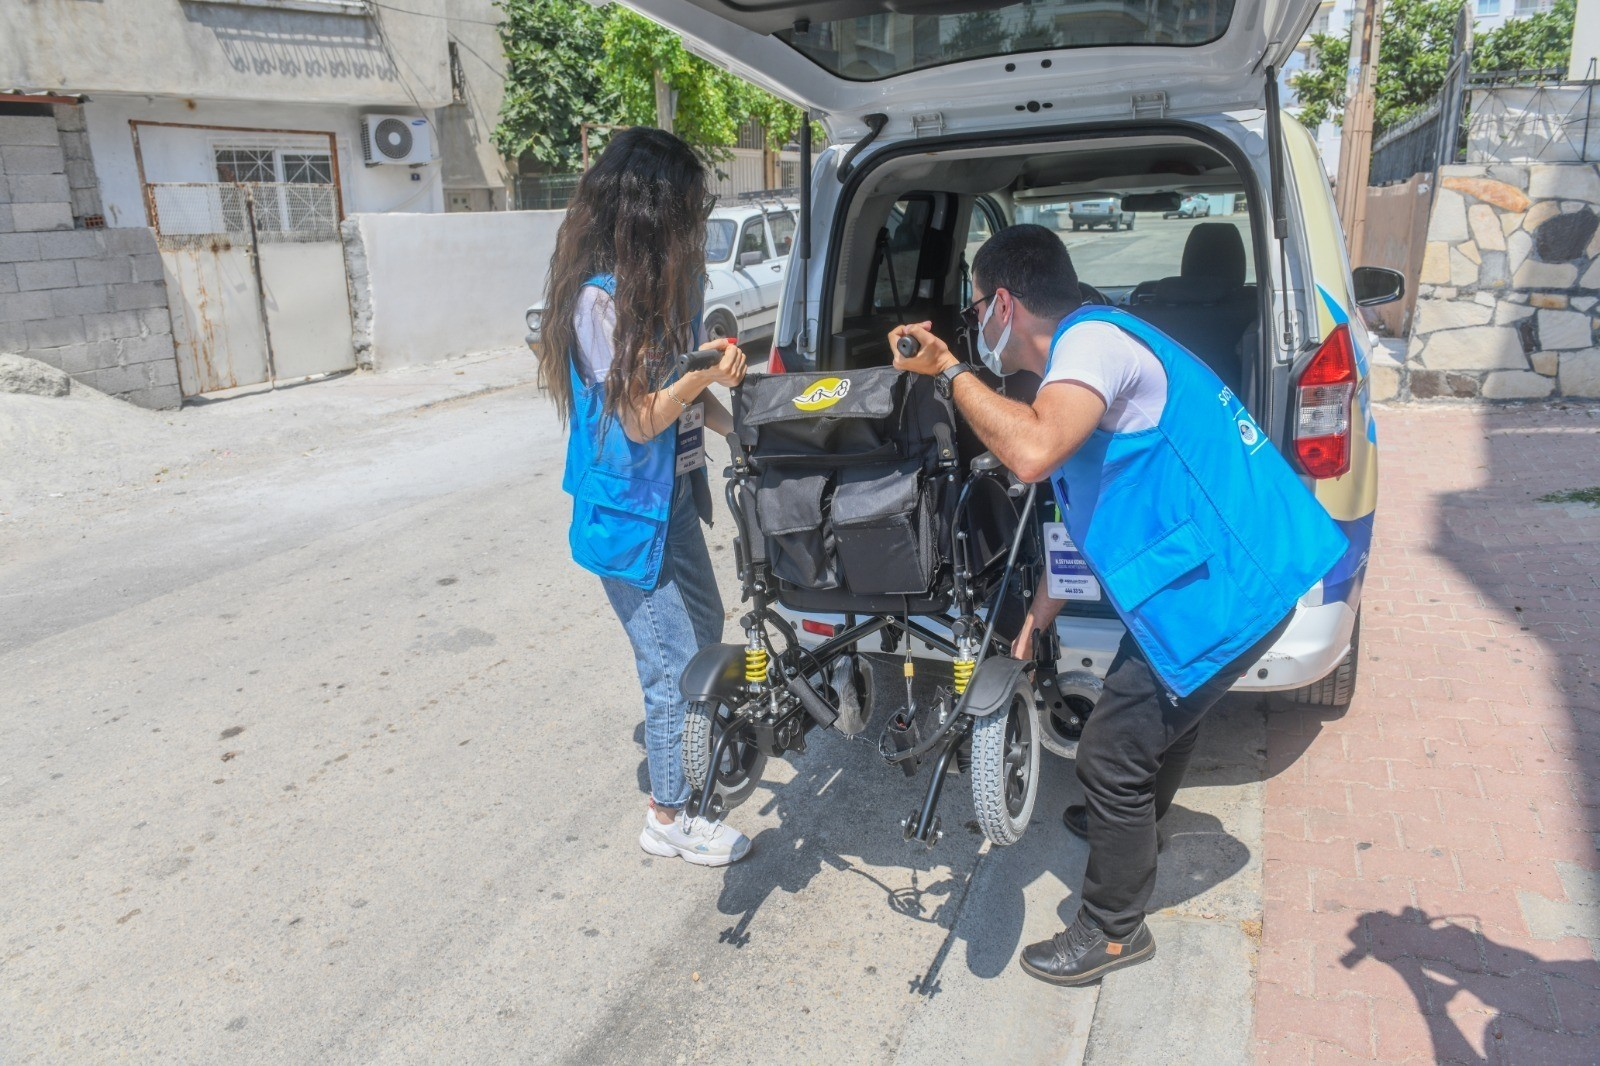 yenisehir belediyesinden engelli bireylere akulu